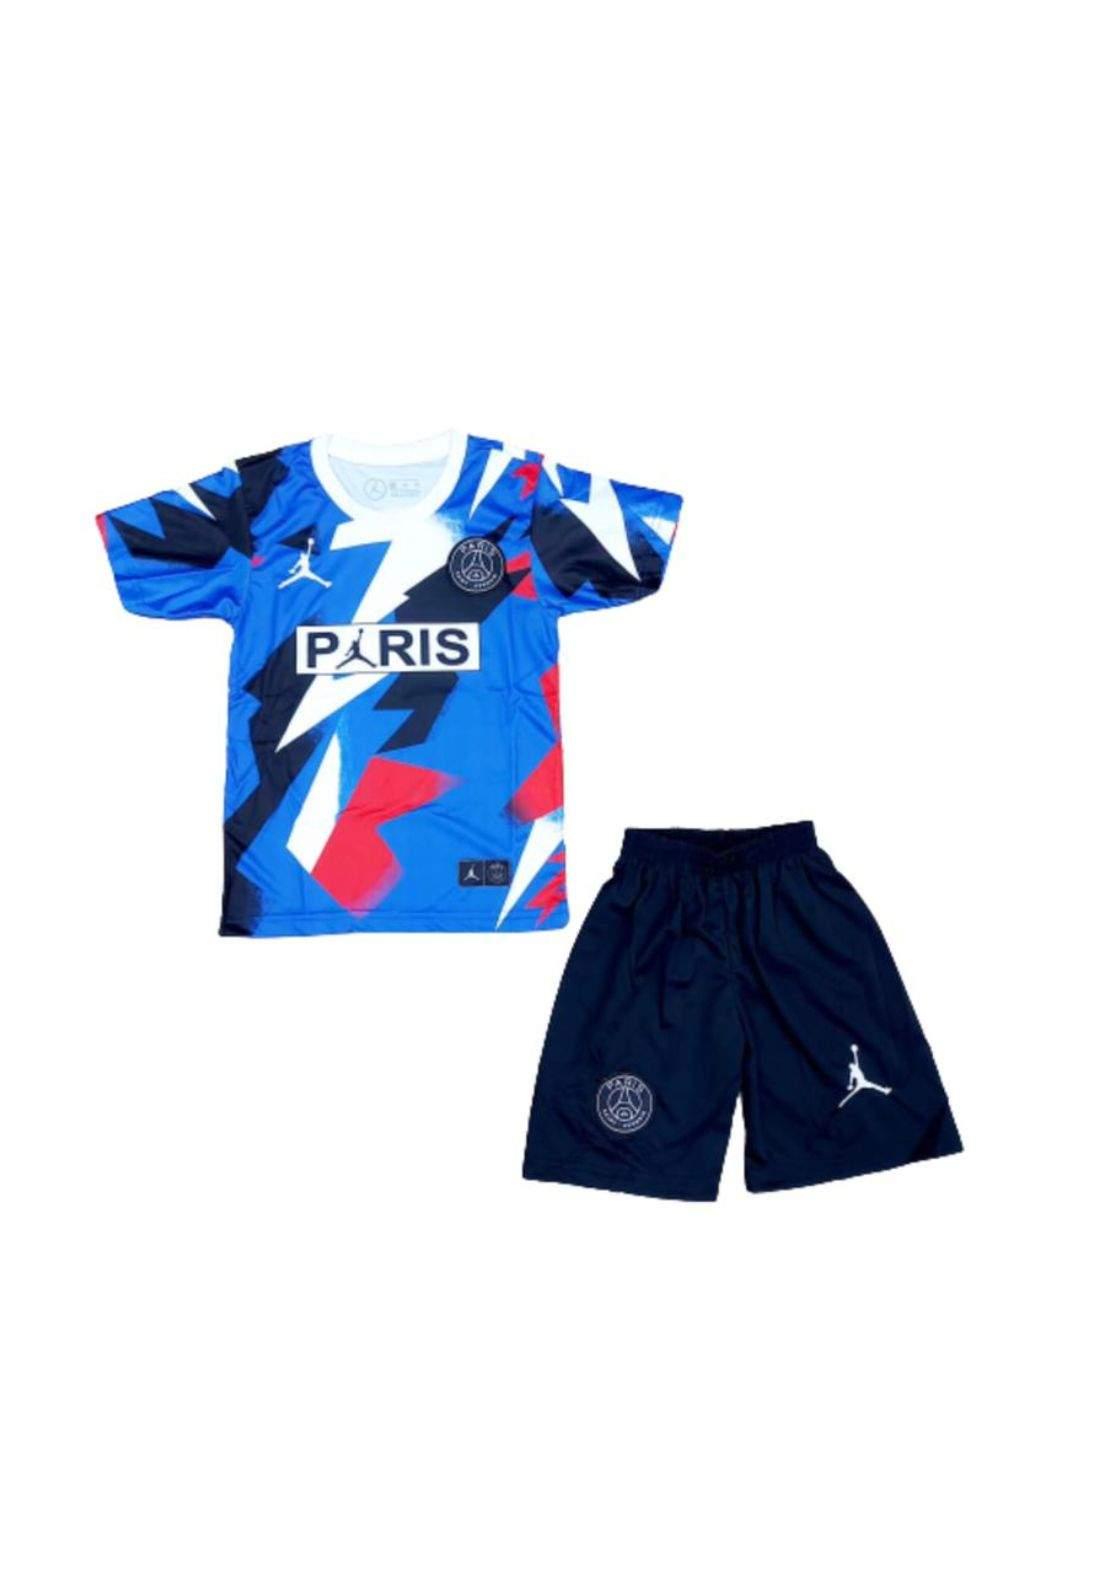 دريس رياضي فريق باريس ازرق اللون